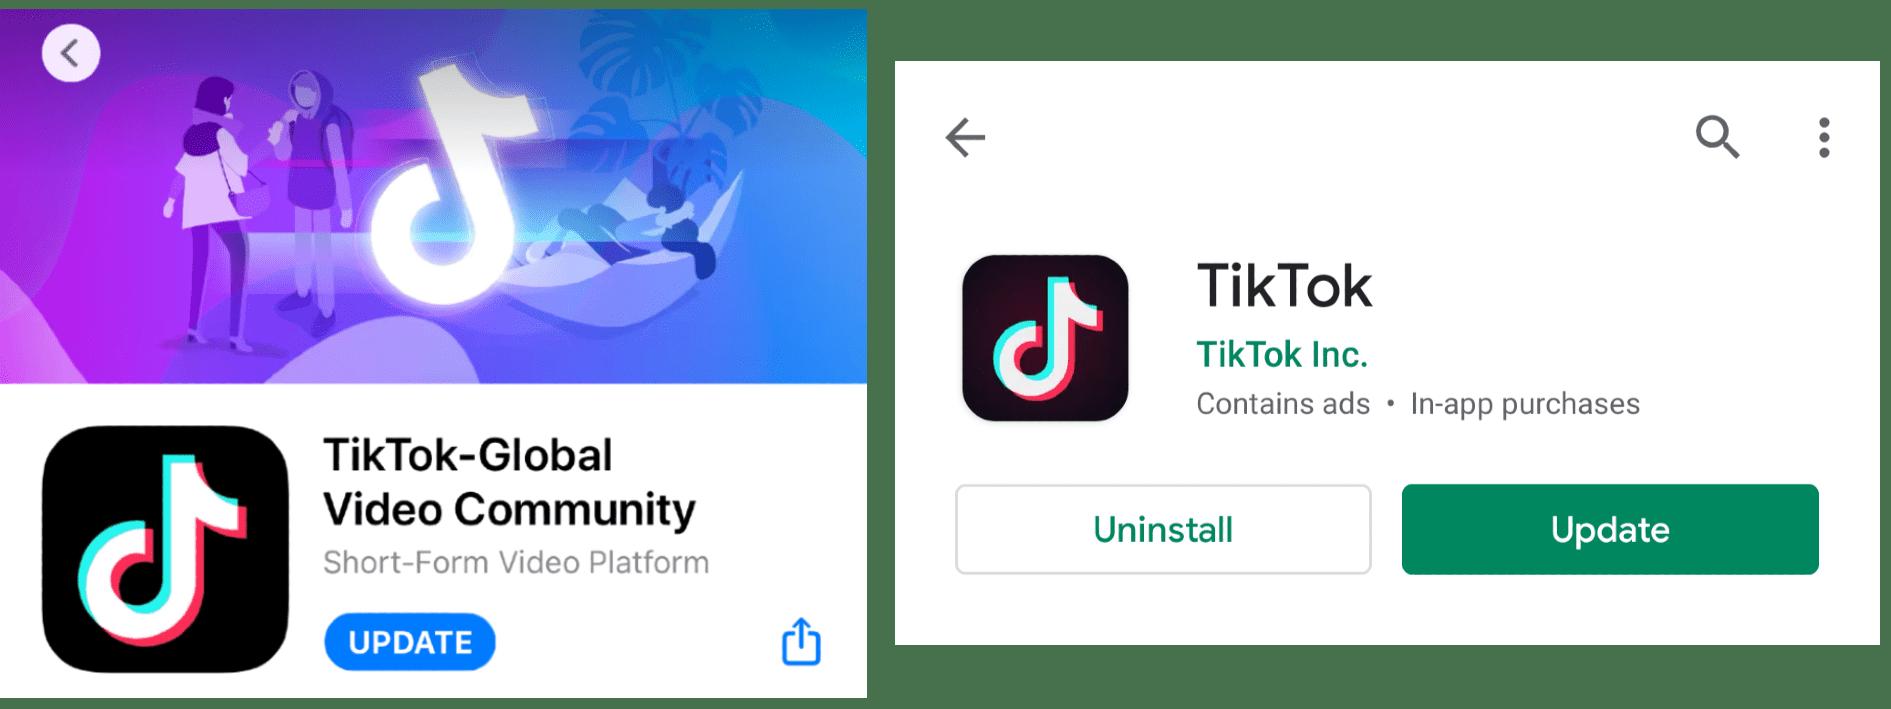 Update TikTok app to fix TikTok video not posting